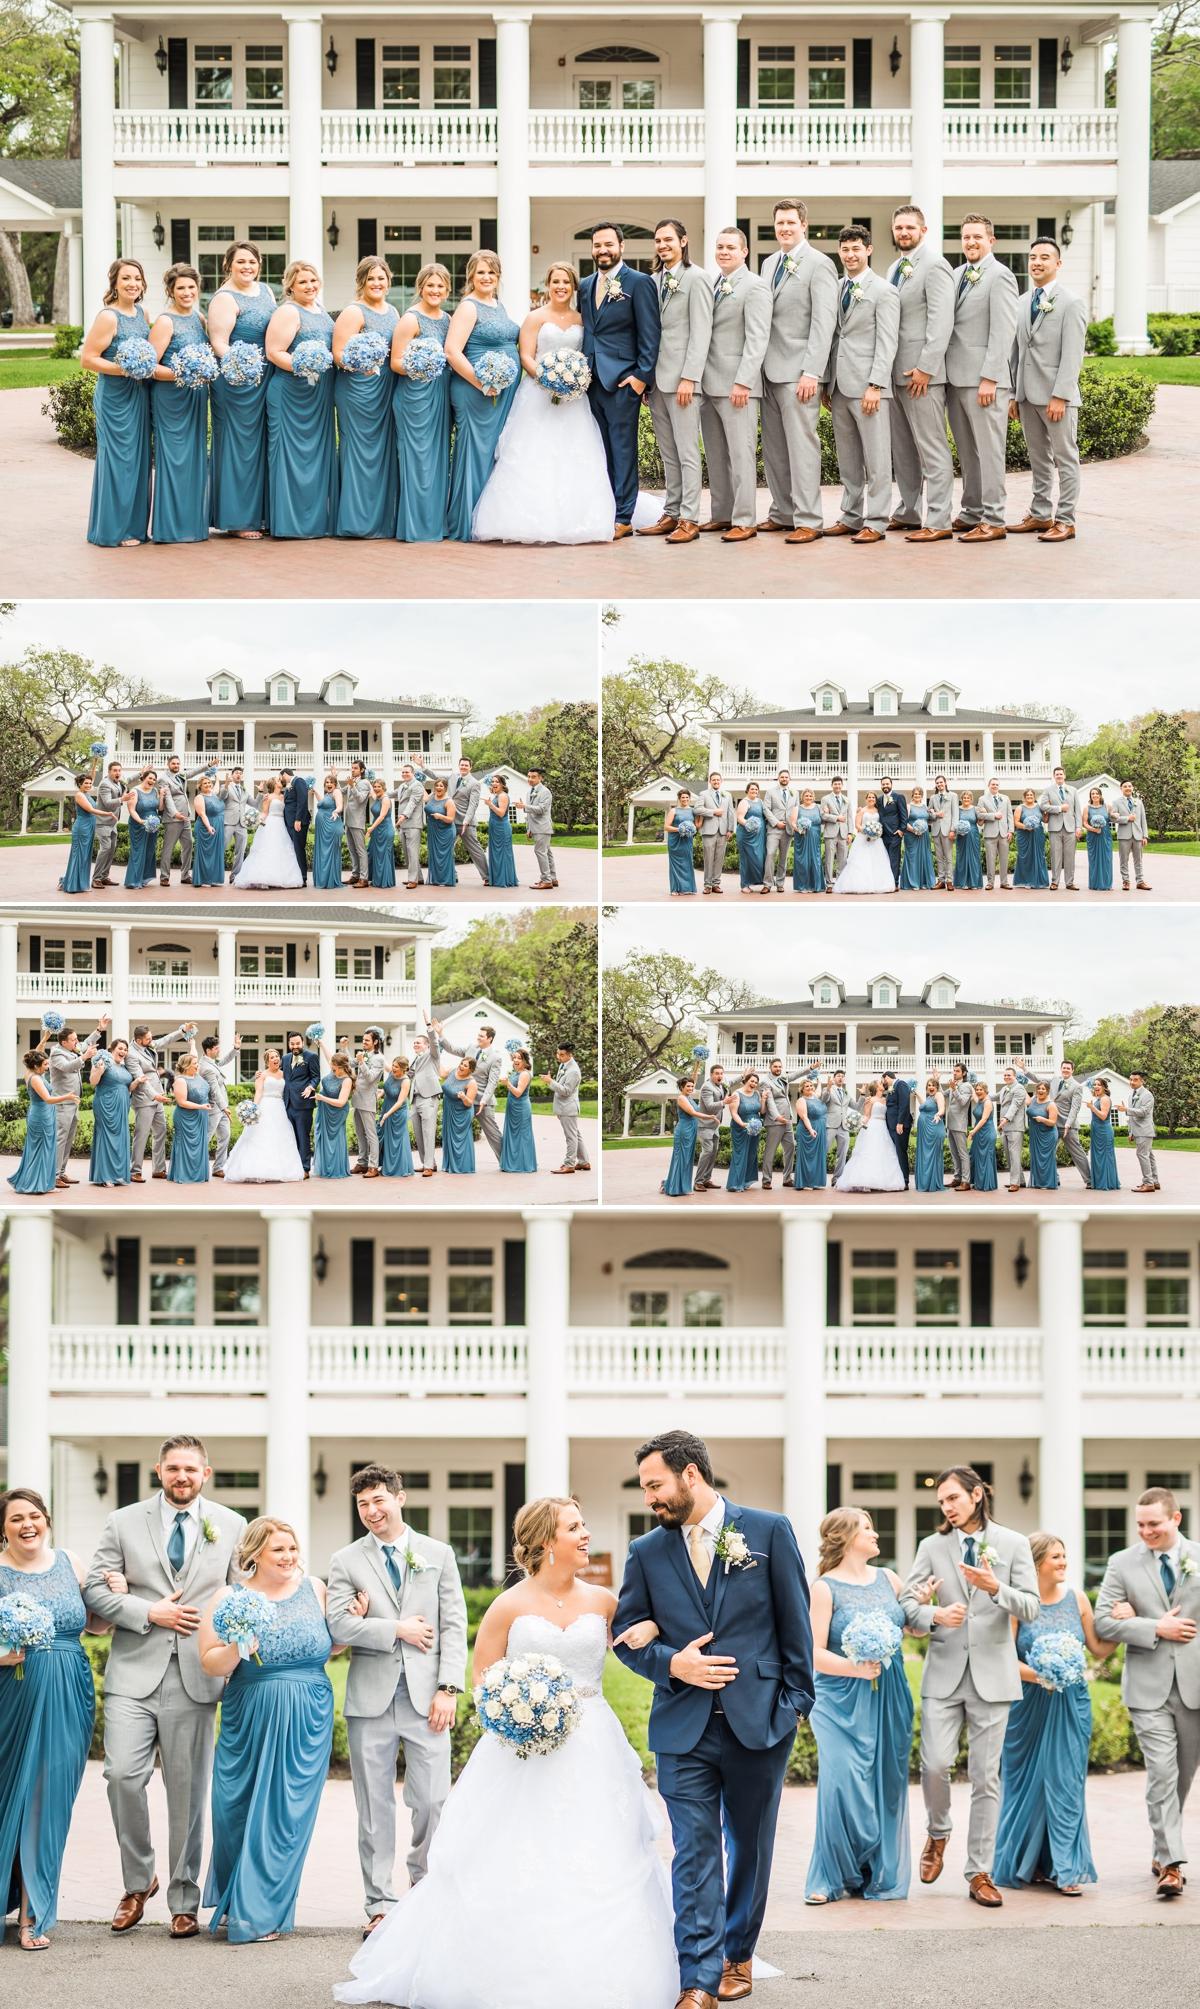 Magnolia manor wedding party portraits